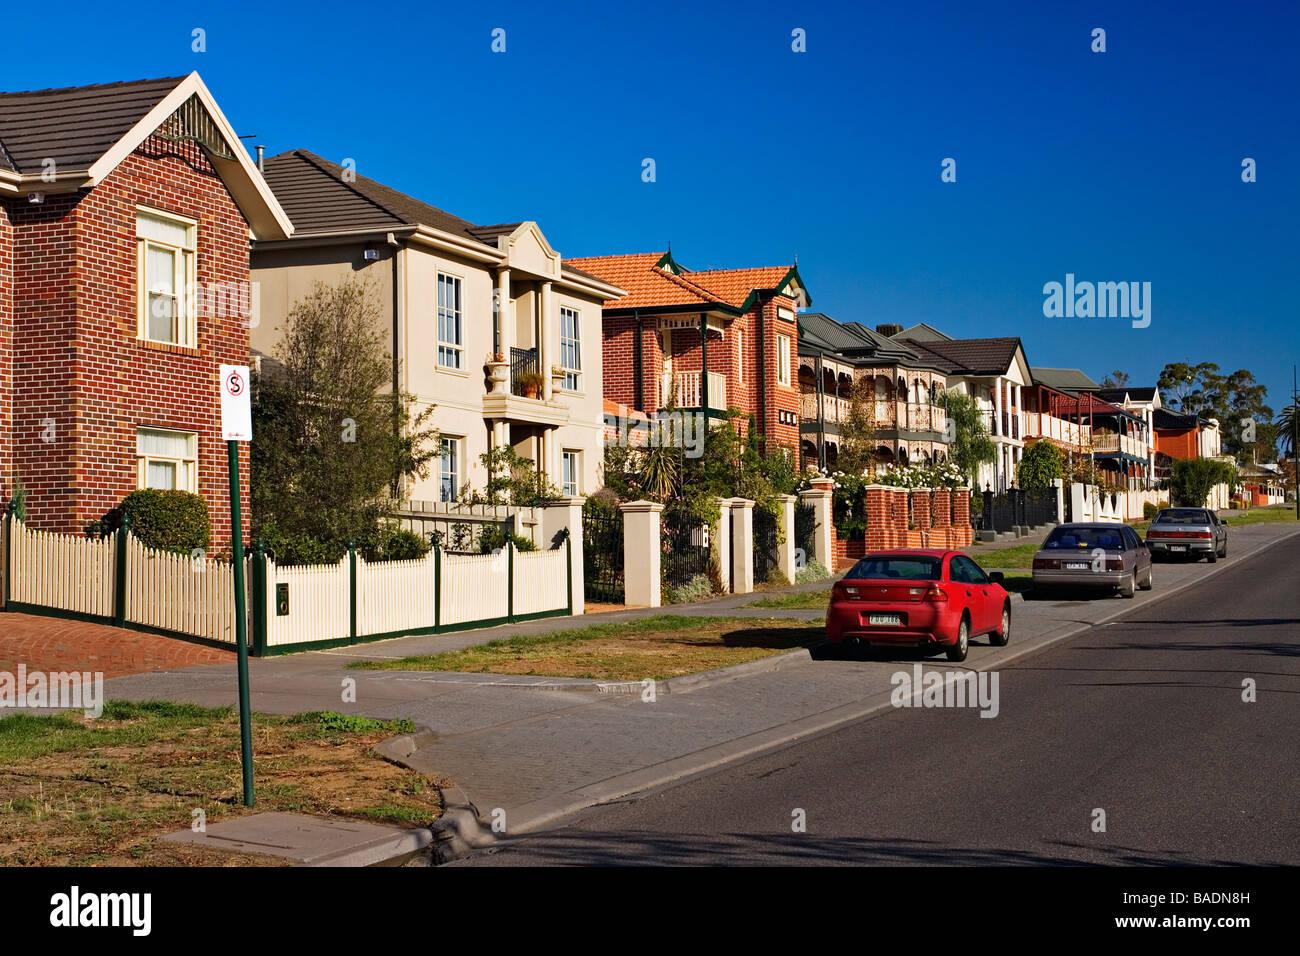 Les Foyers / Australian homes sur un ensemble immobilier.L'emplacement est Victoria de Melbourne en Australie. Banque D'Images